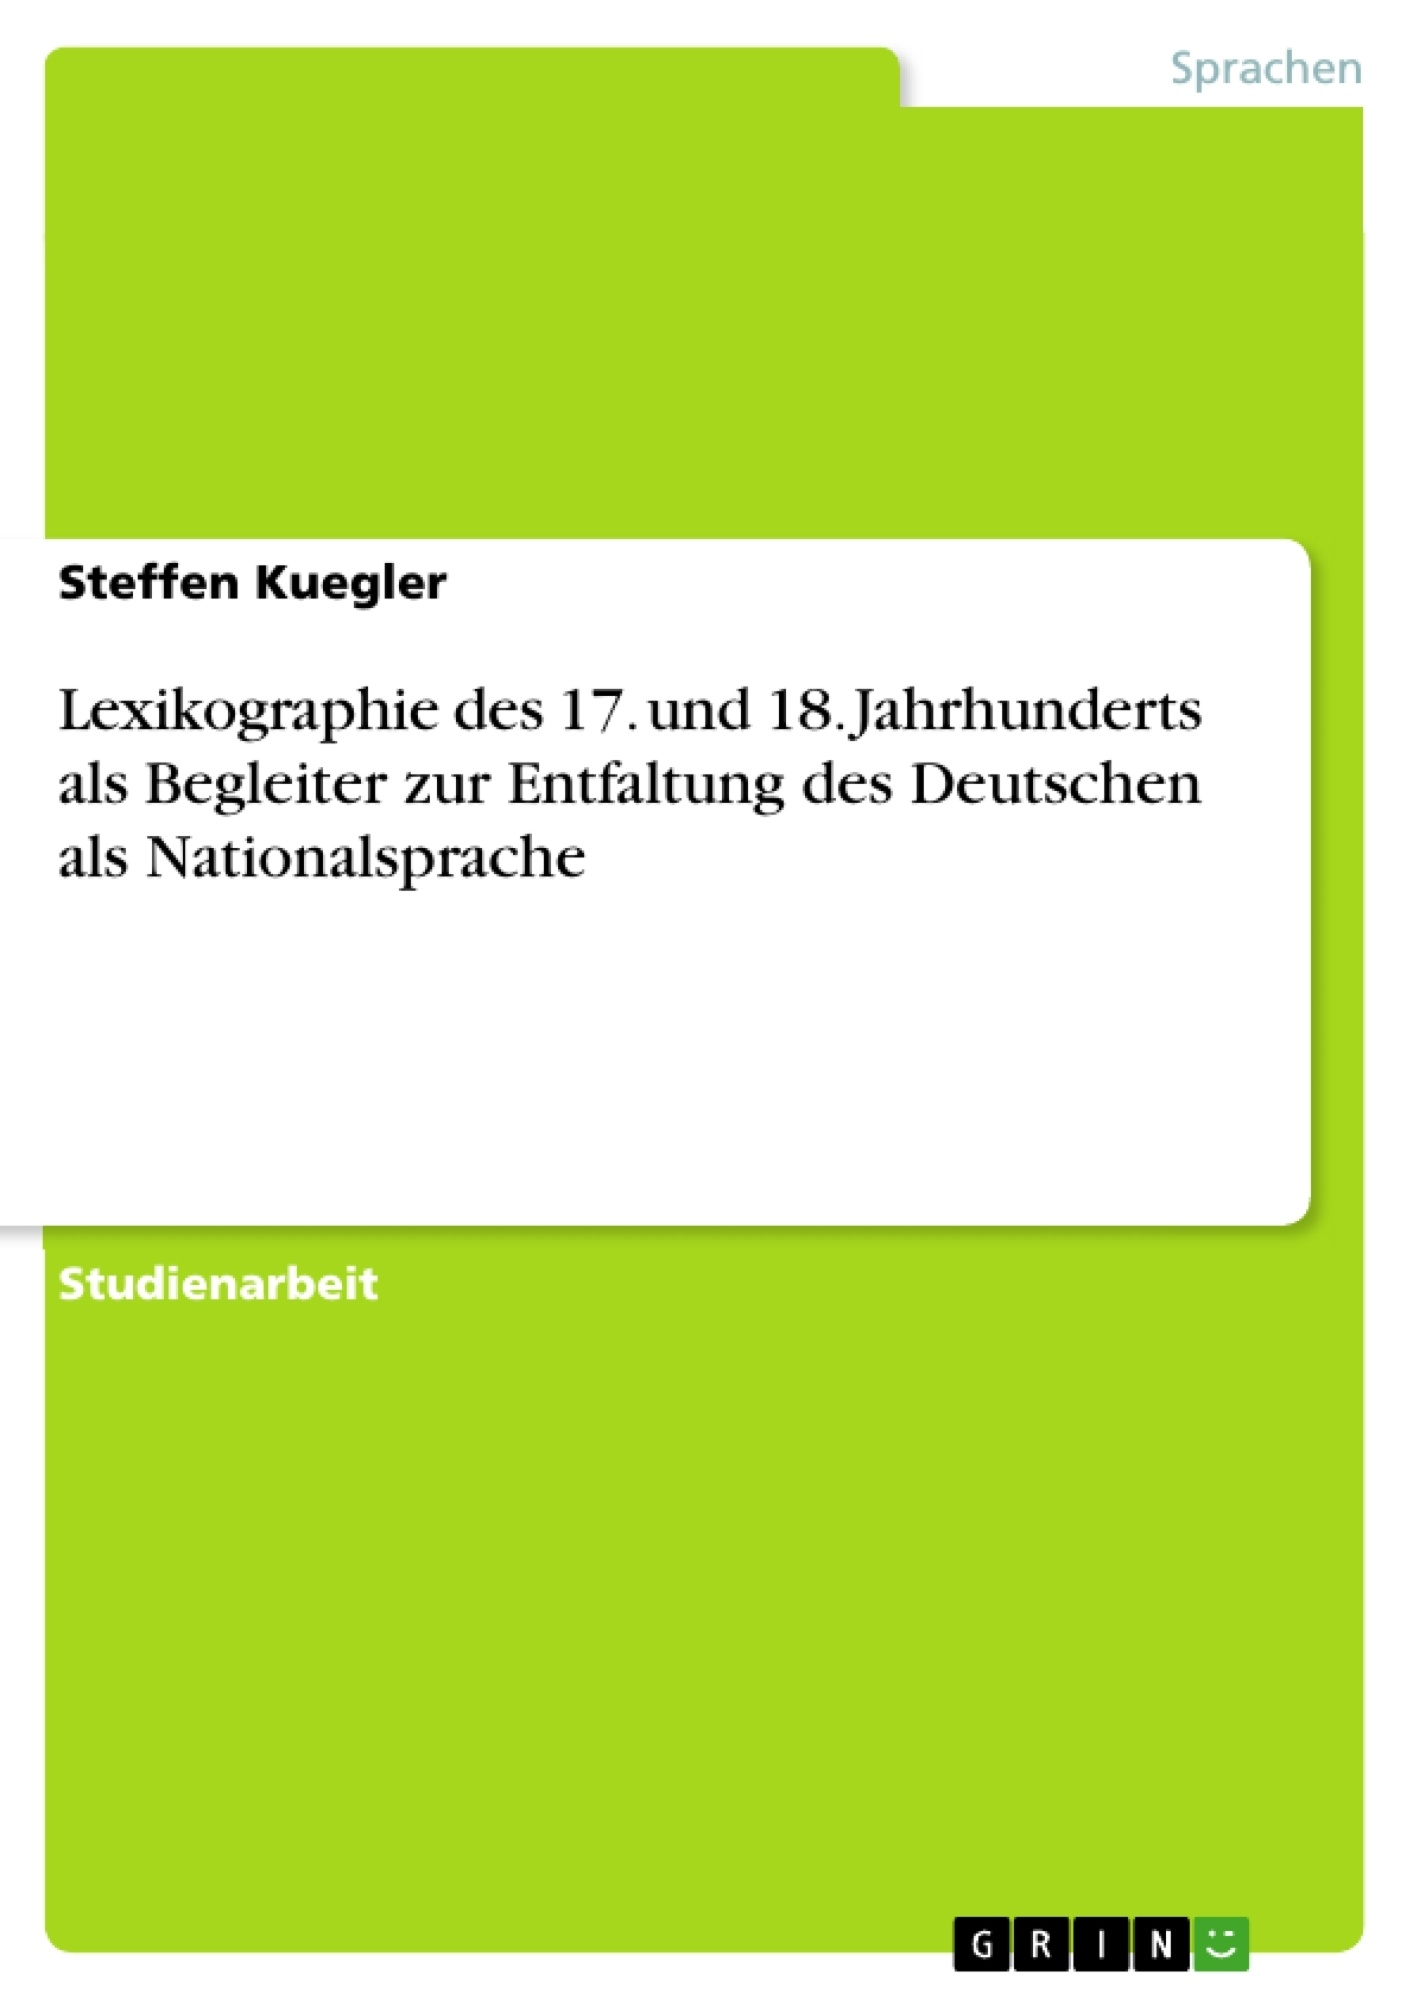 Titel: Lexikographie des 17. und 18. Jahrhunderts als Begleiter zur Entfaltung des Deutschen als Nationalsprache